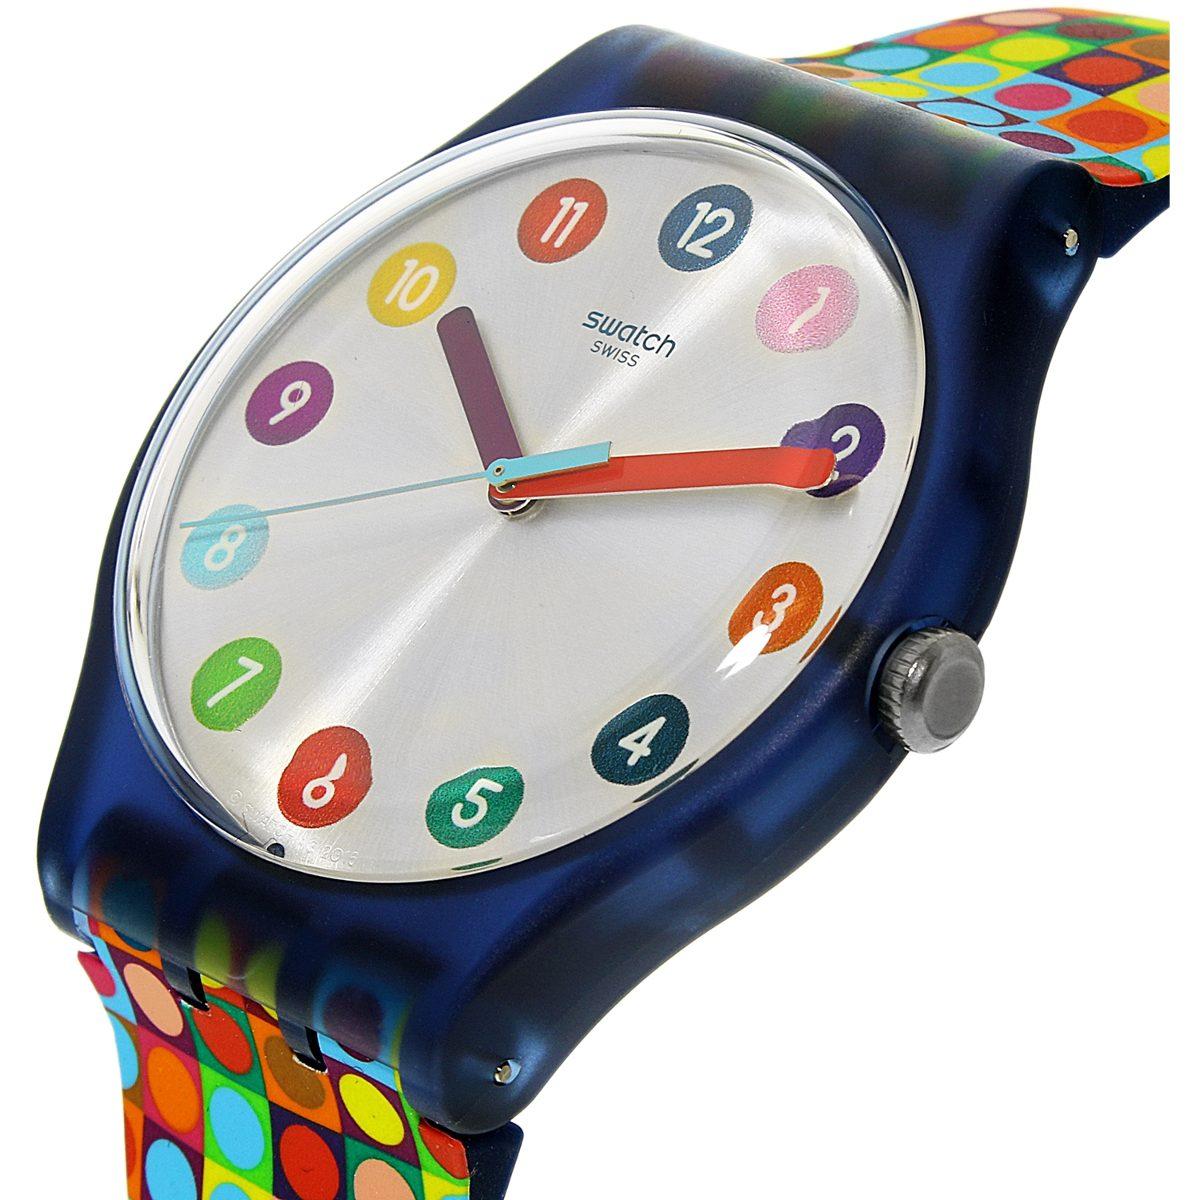 Hombre Correa De Swatch Suom108 Multicolor Negro Para Reloj ZTXuPiOwk